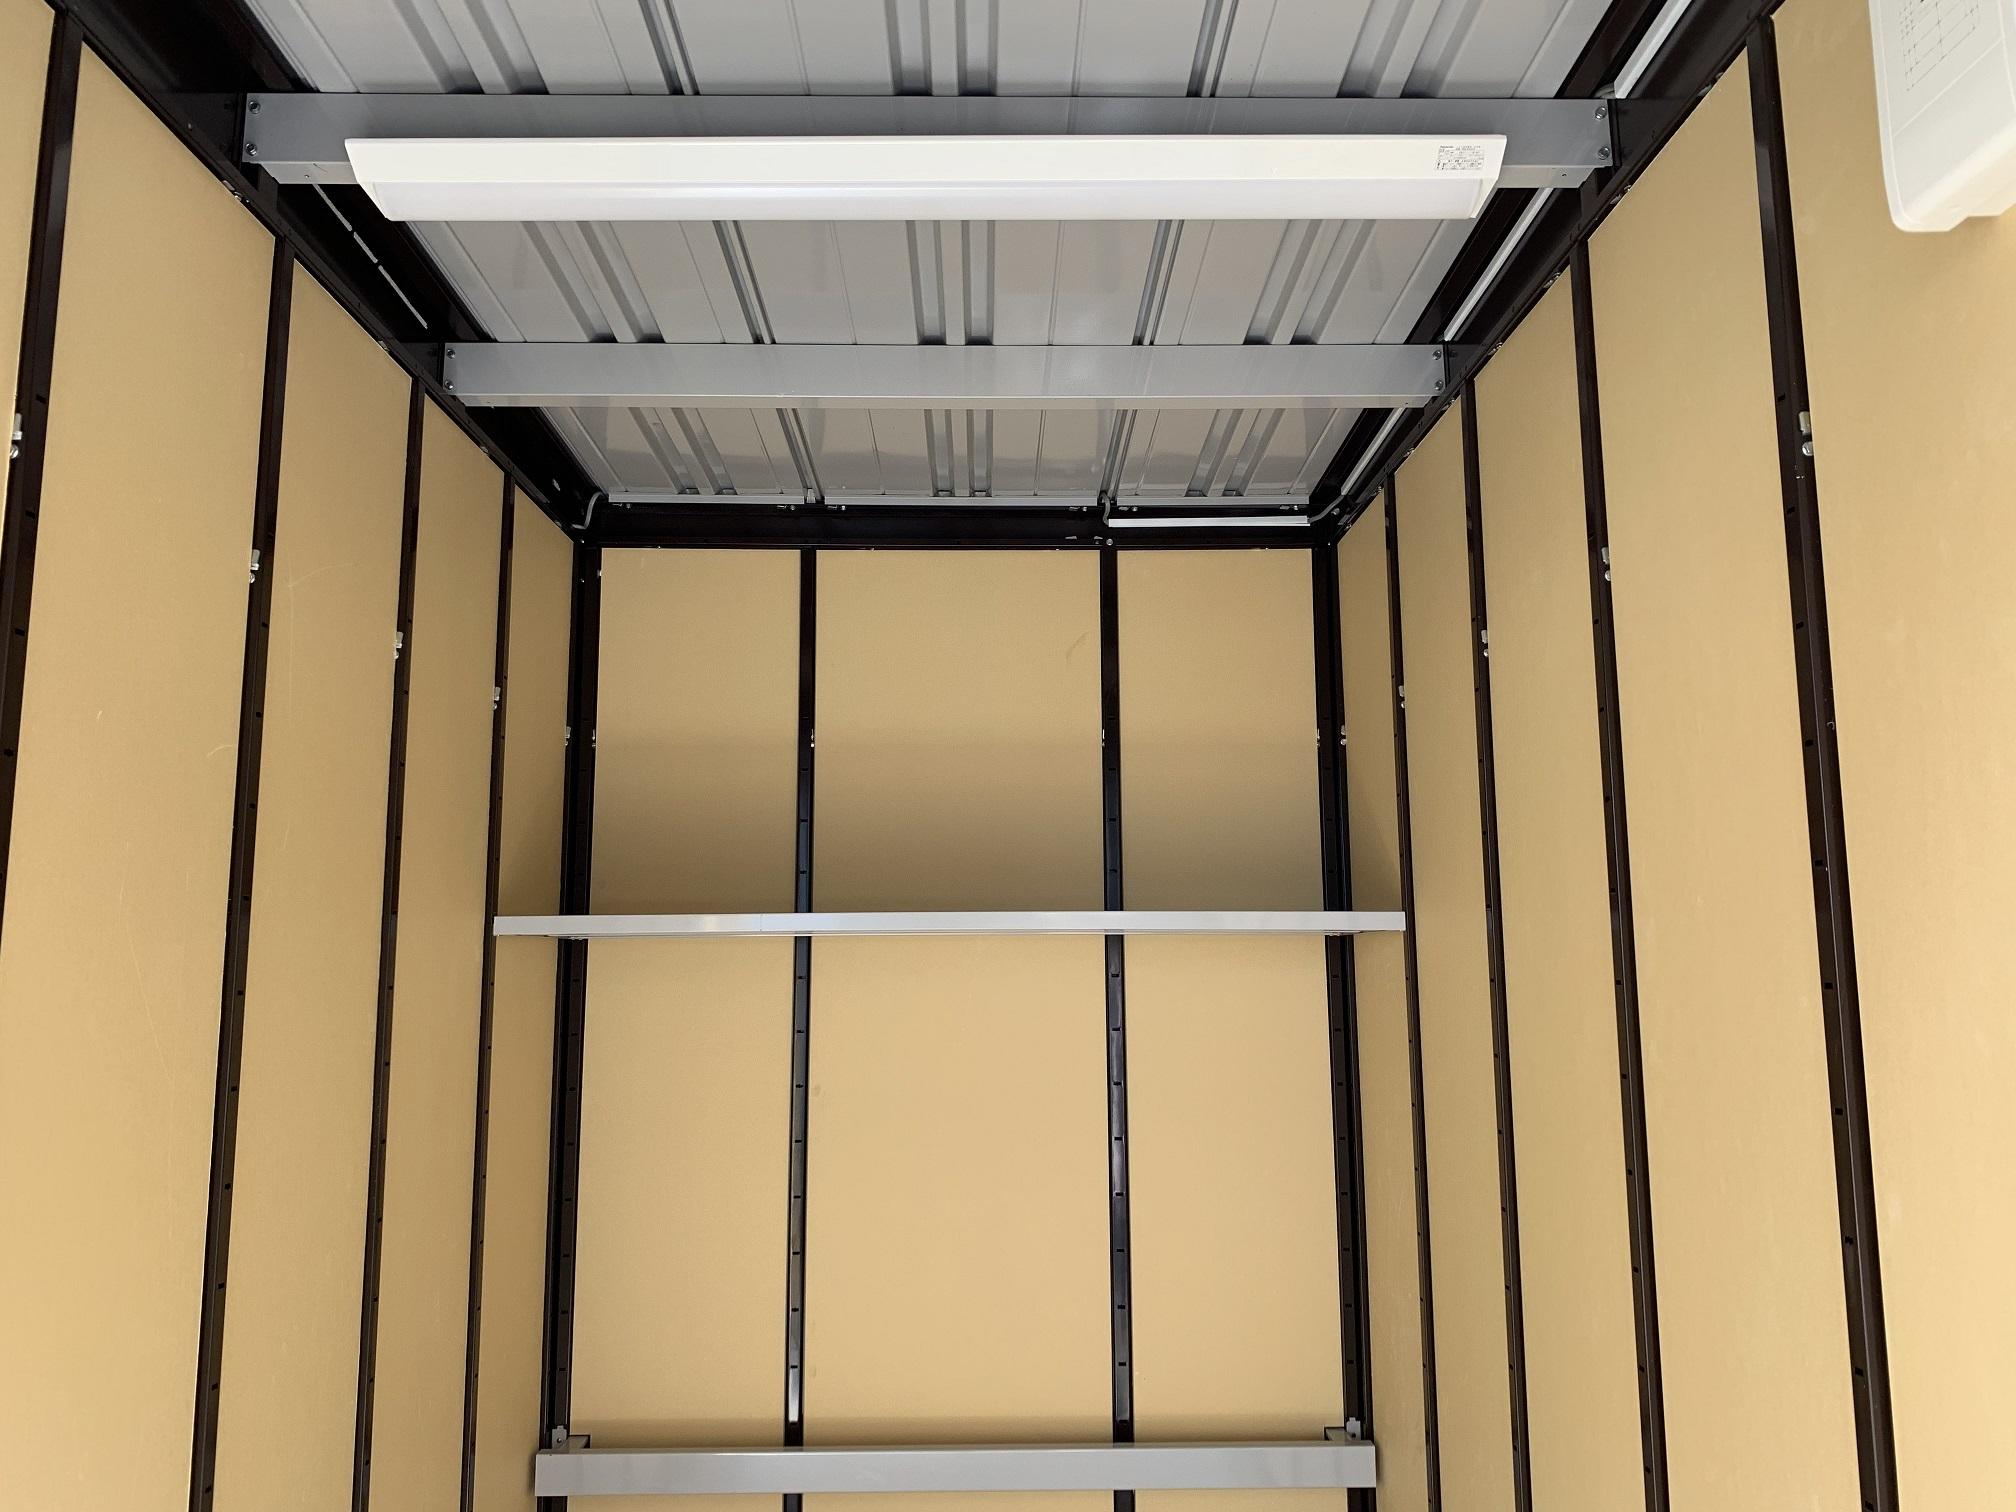 【3月1日OPEN】西保木間店 収納に便利な棚板付